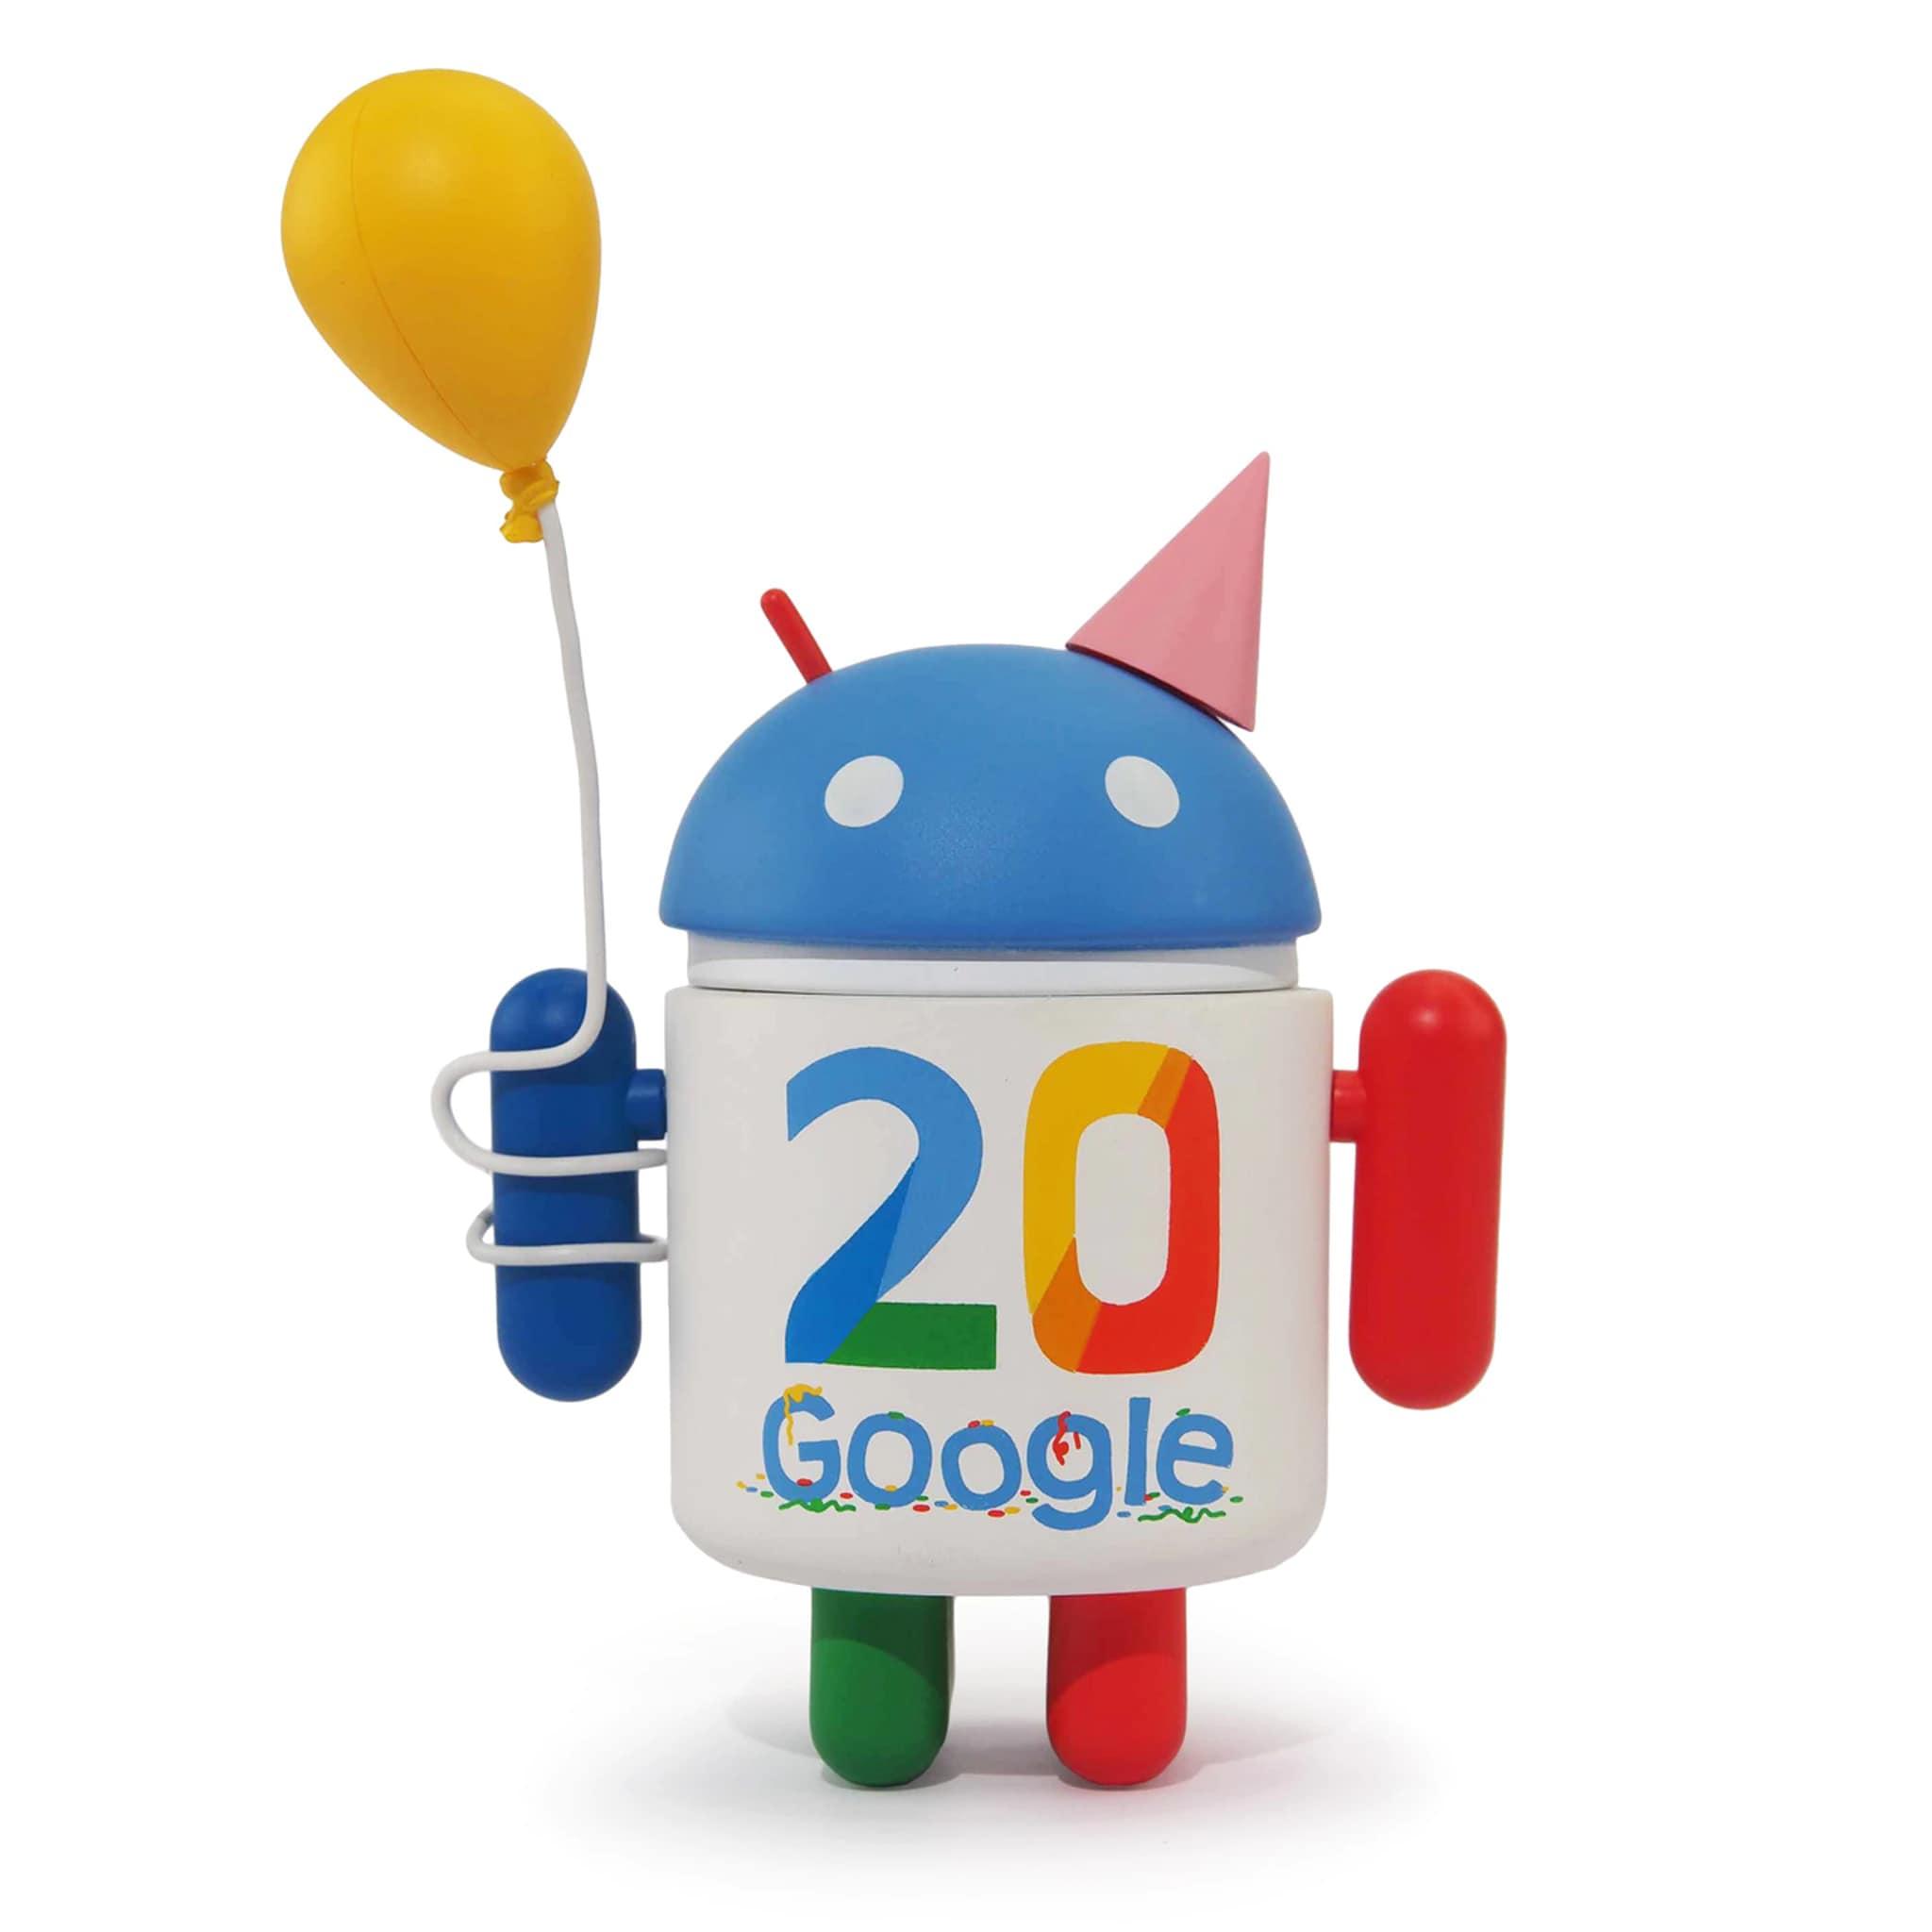 Il breve ritorno della figure Android uscita per i 20 anni di Google (foto)